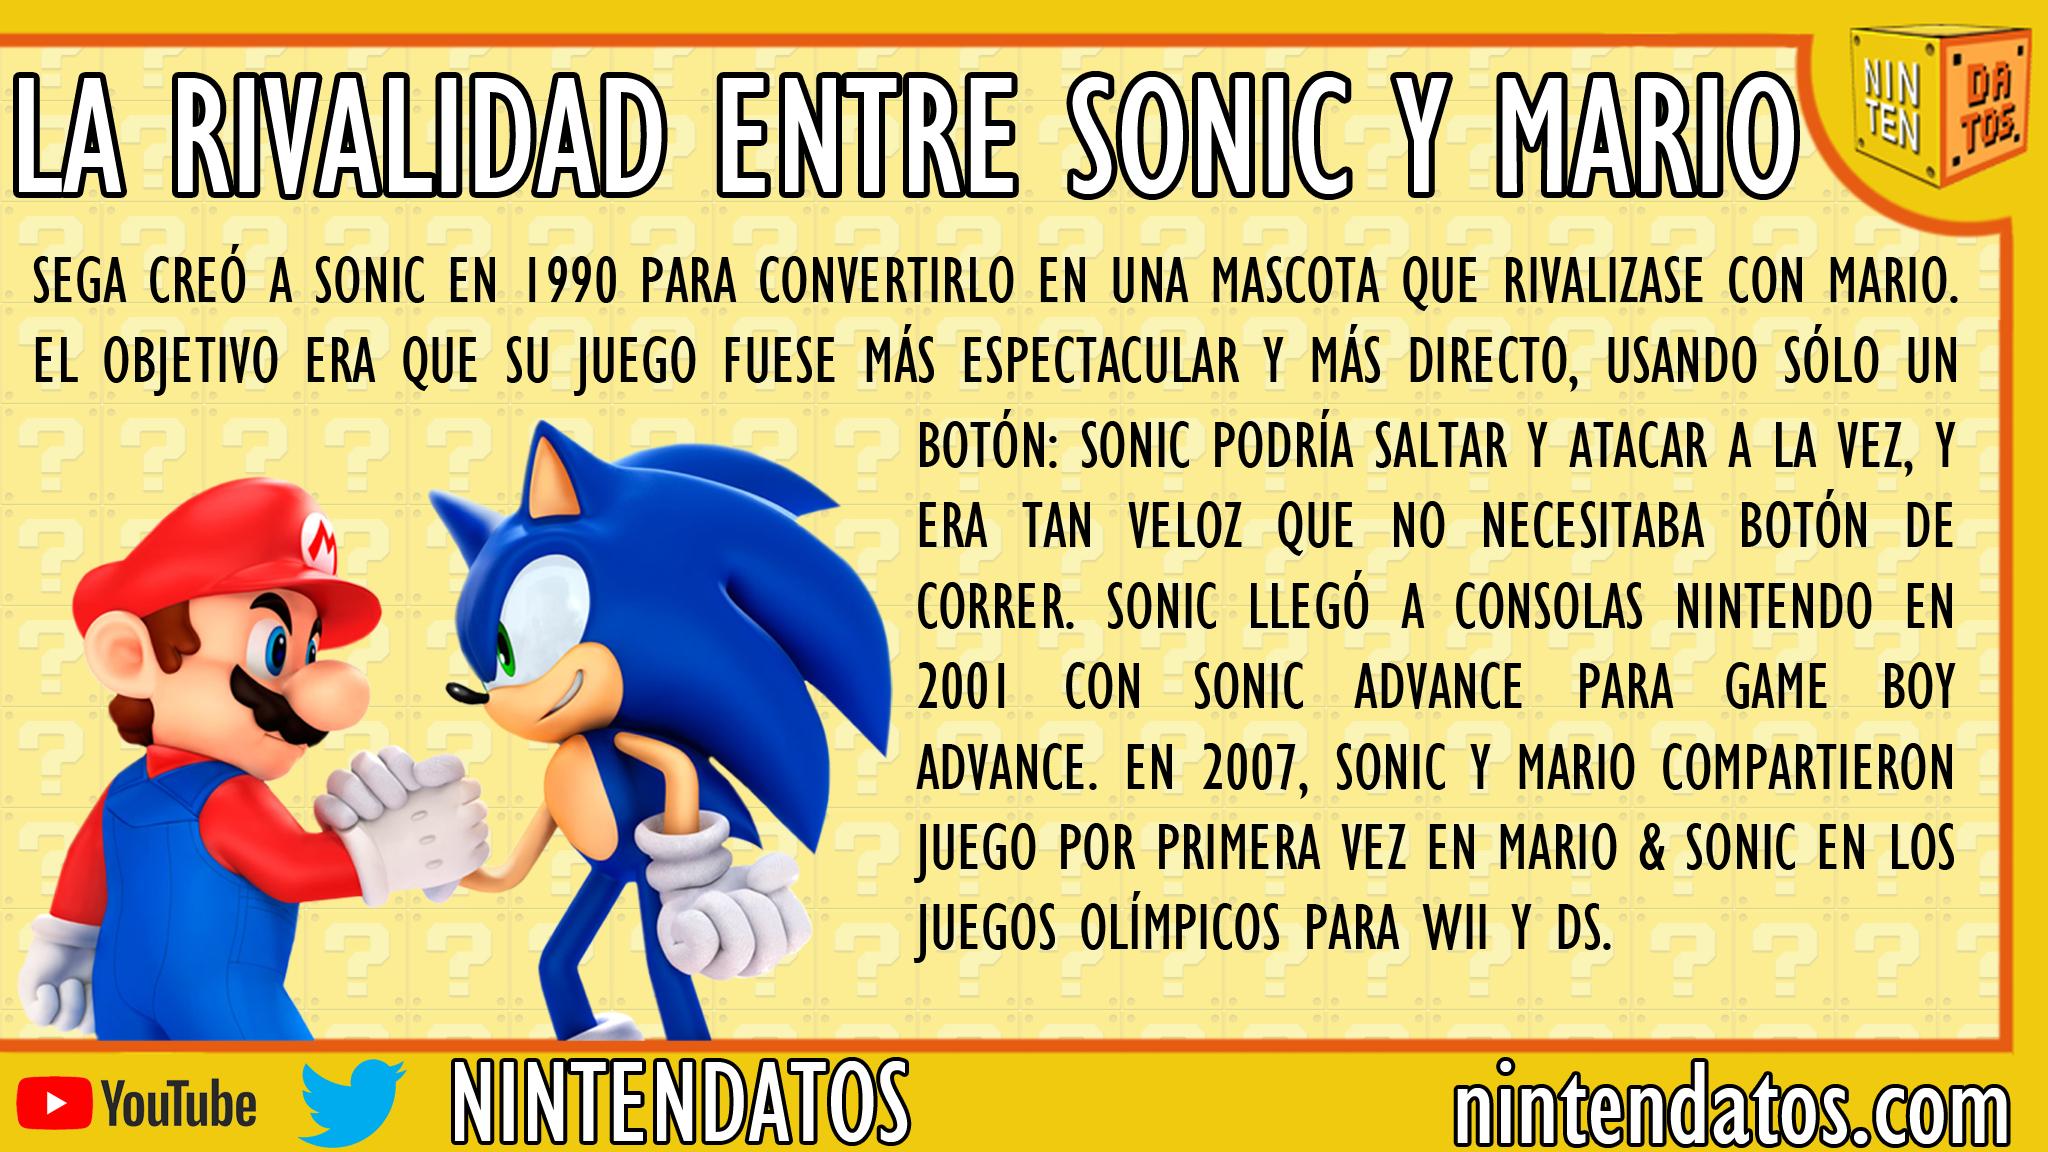 La rivalidad entre Sonic y Mario